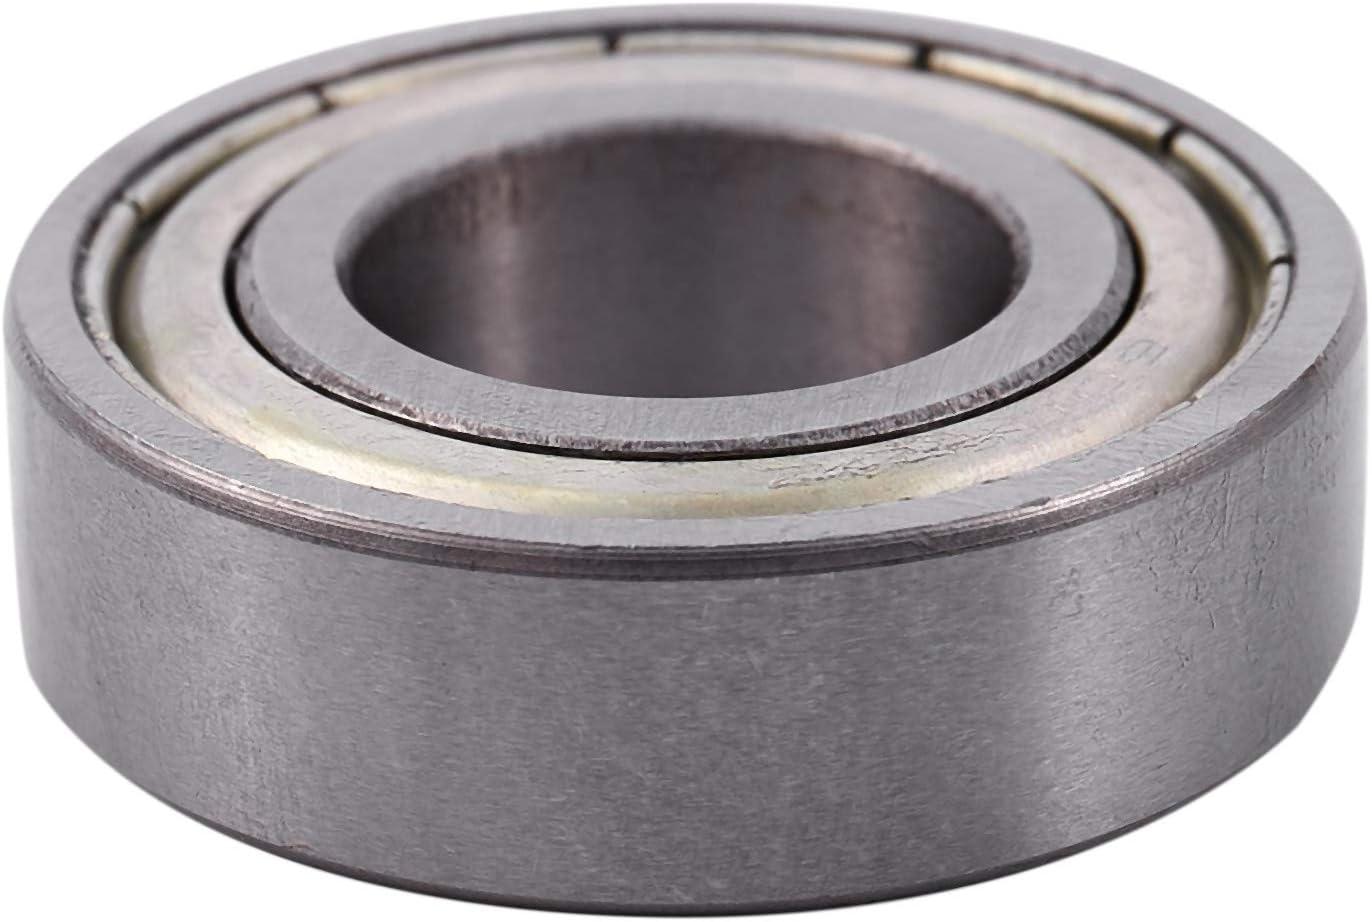 Ctzrzyt 6003Z Roulement a billes a gorge profonde 17 x 35 x 10mm pour moteur electrique